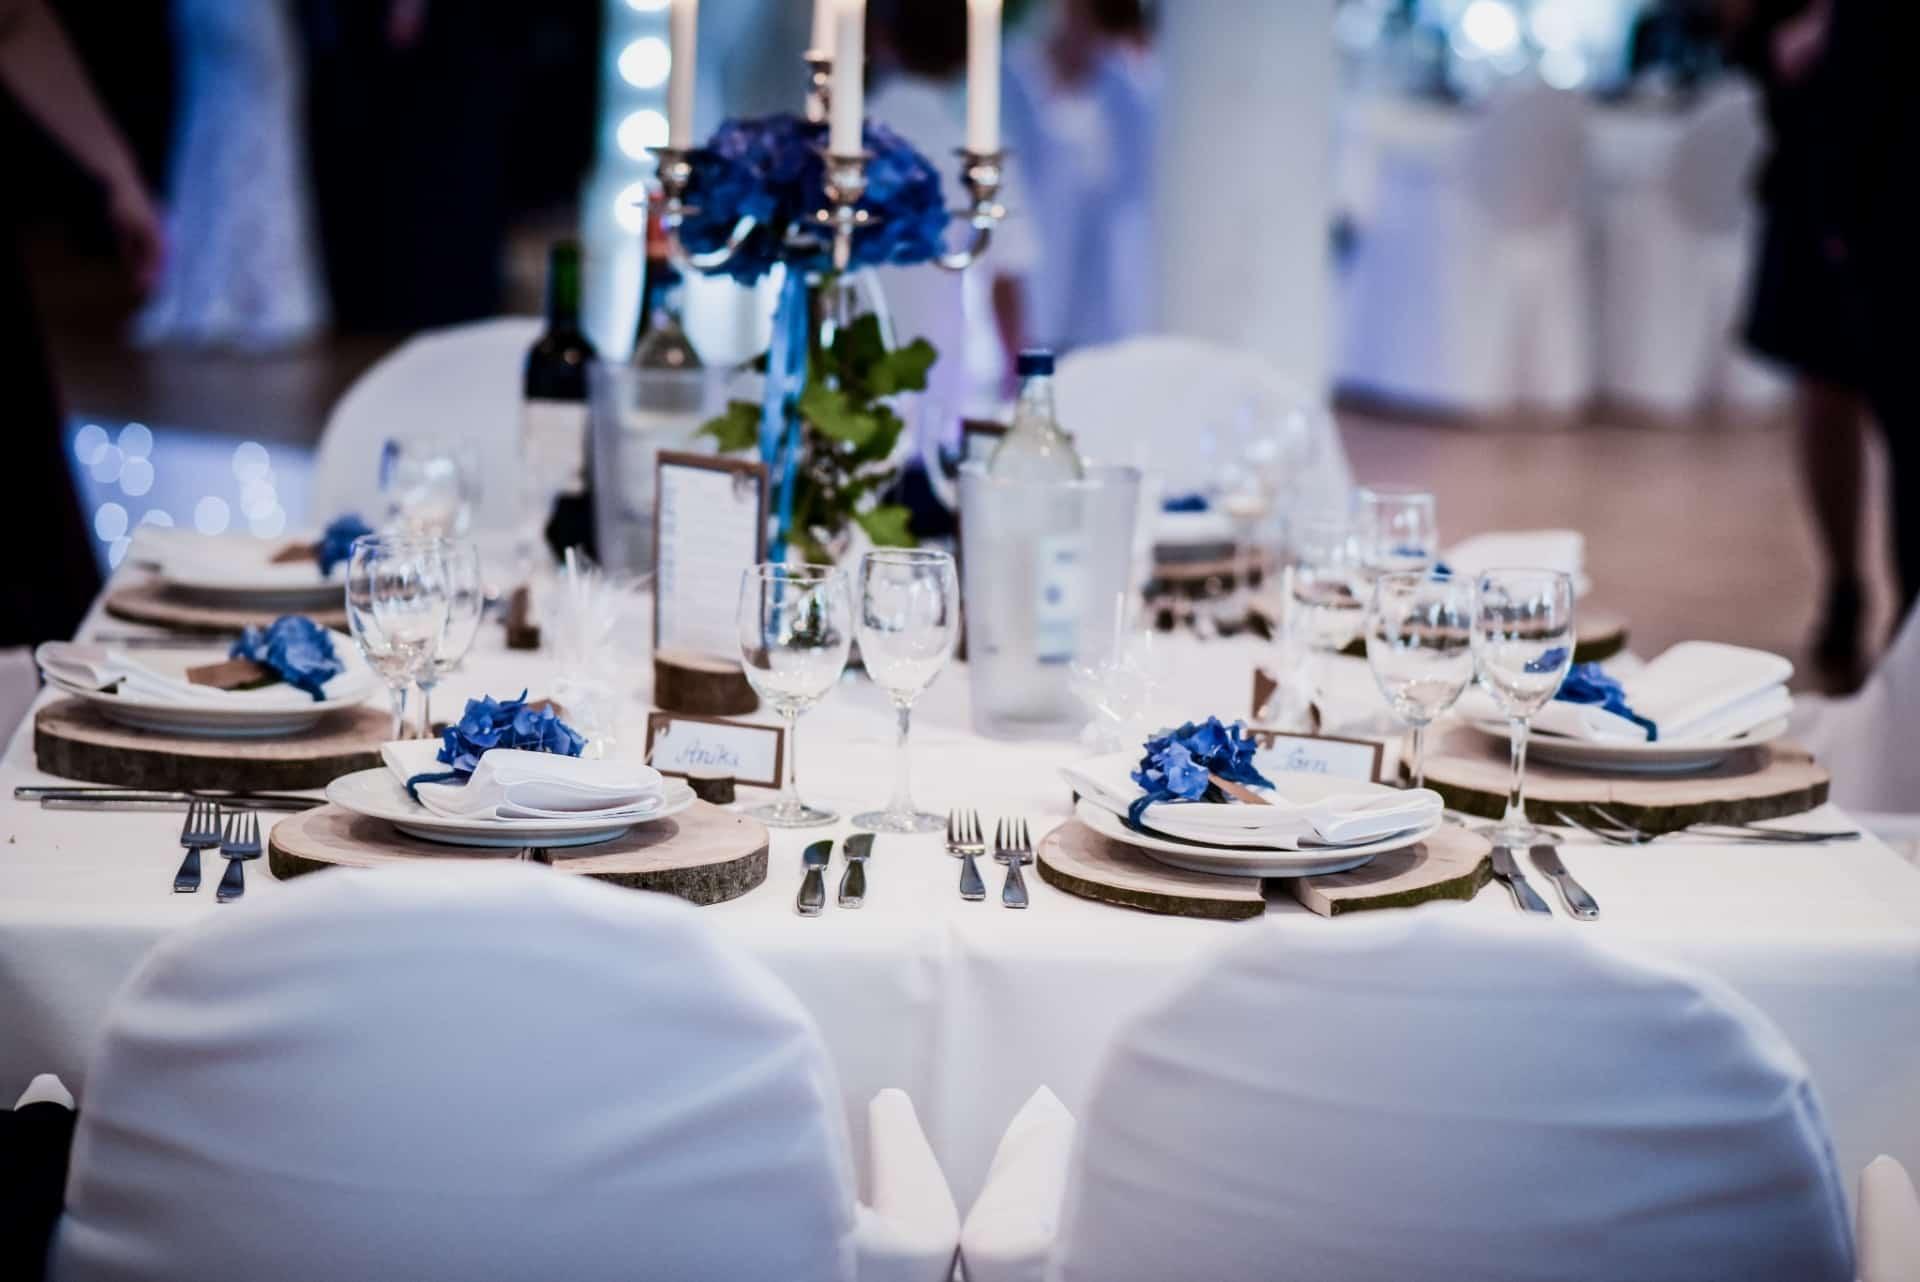 Geburtstage, Hochzeiten, Familienfeiern - Hof Barrl bietet den perfekten Rahmen für Ihre unvergessliche Feier!